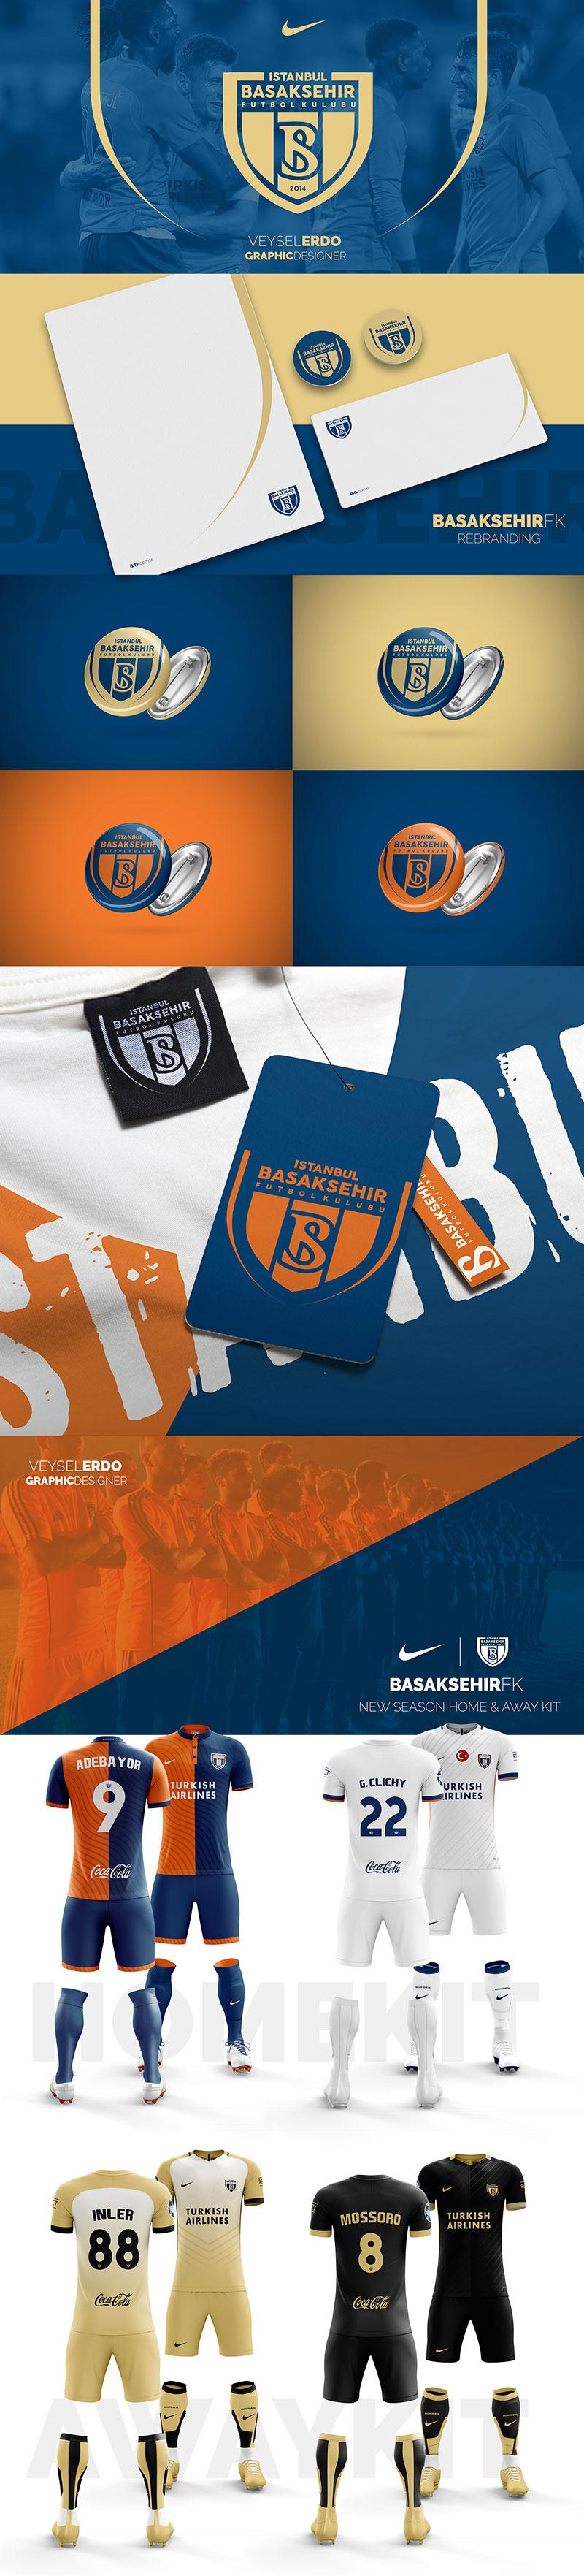 Basaksehir FK Rebranding by Veysel Erdogan